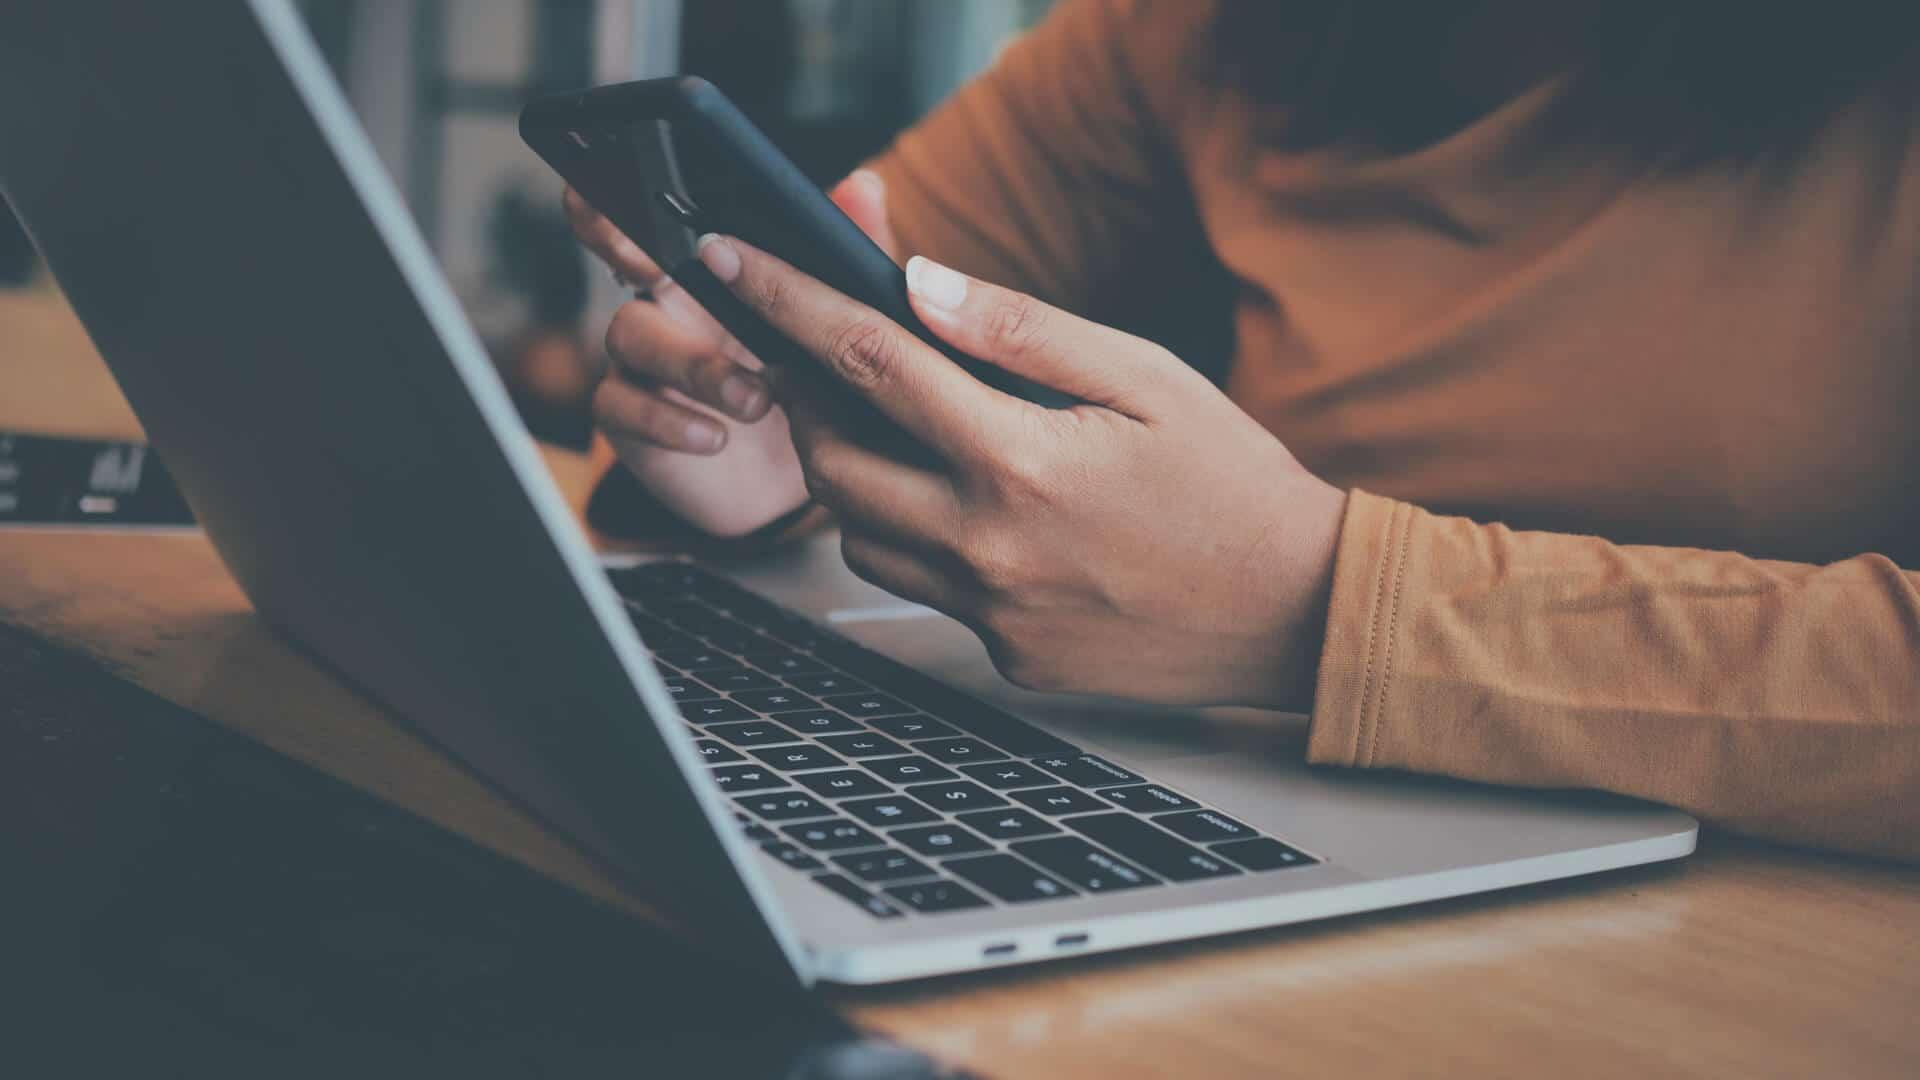 Trabajo remoto: Accede de forma segura con una autenticación multifactor